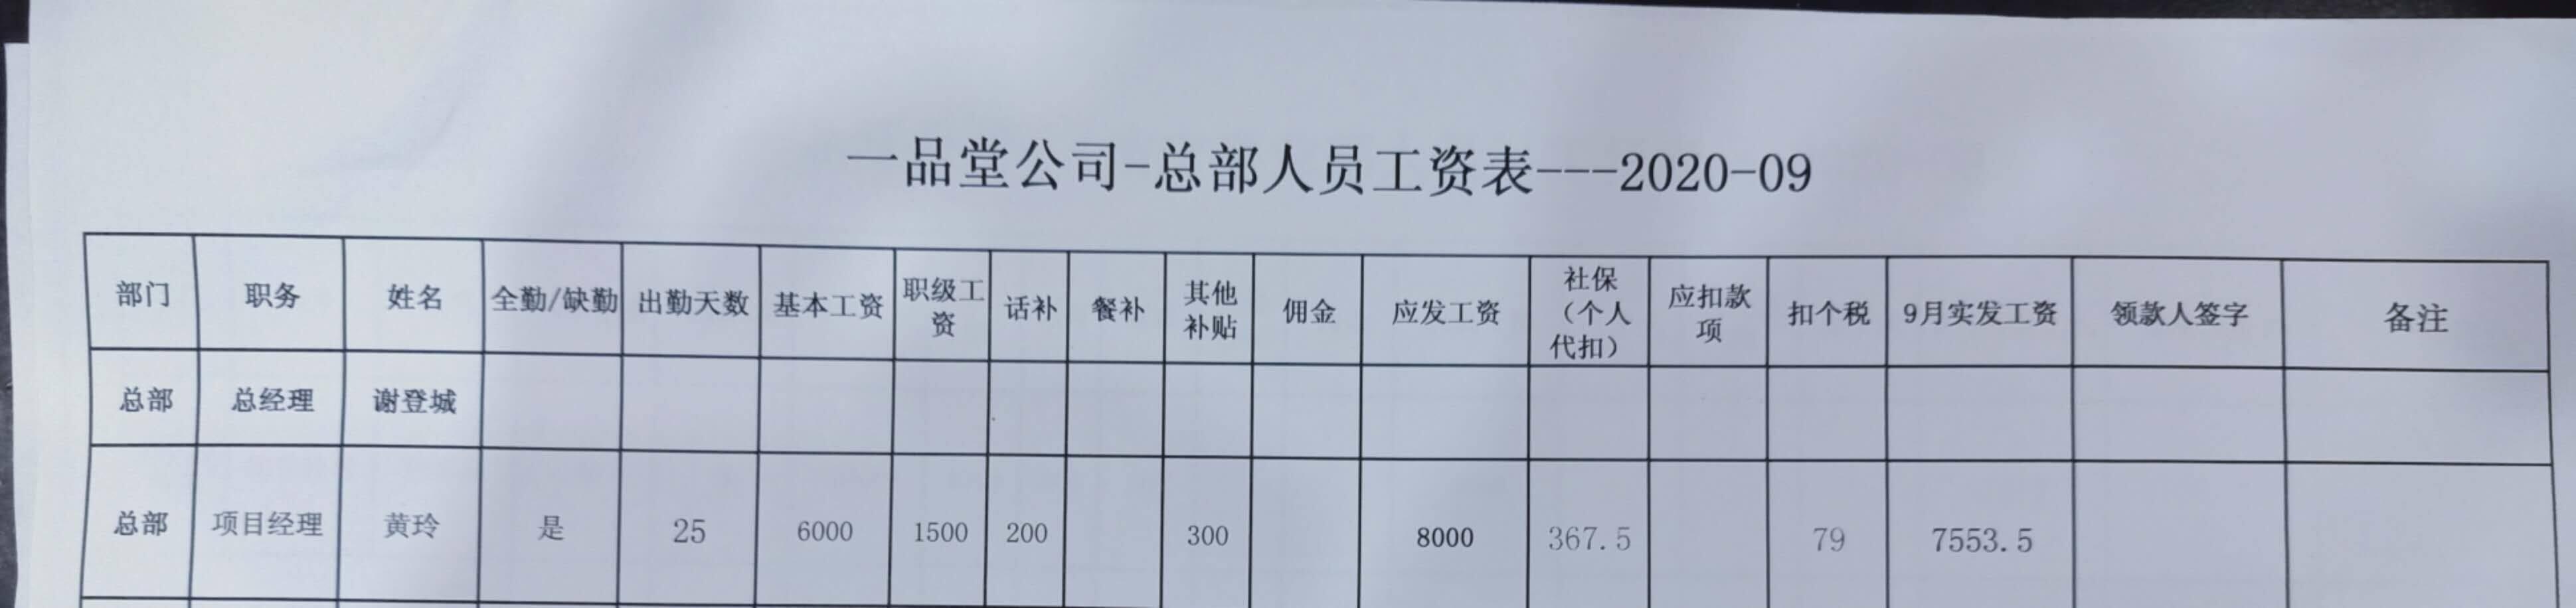 老师,以黄玲的工资为例题,这个个人所得税的工资薪金所得表每栏怎么填